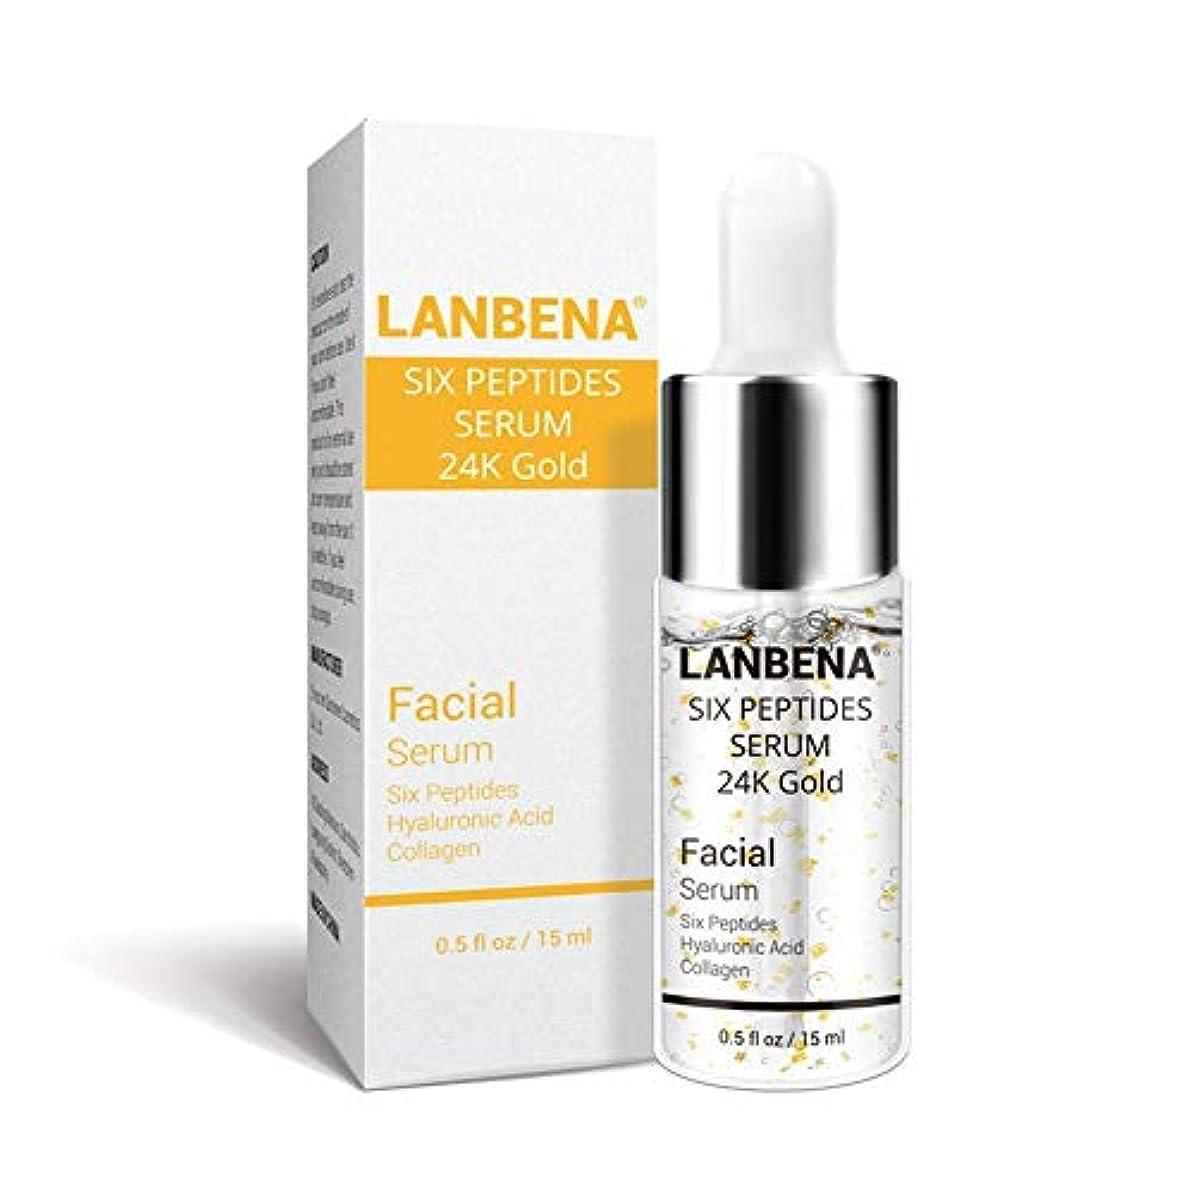 パトロール振幅接触(トラベリング ライト) Traveling Light LANBENA 24K 六つのペプチド 液 エッセンス シワに抵抗 肌を引き締める 15ml